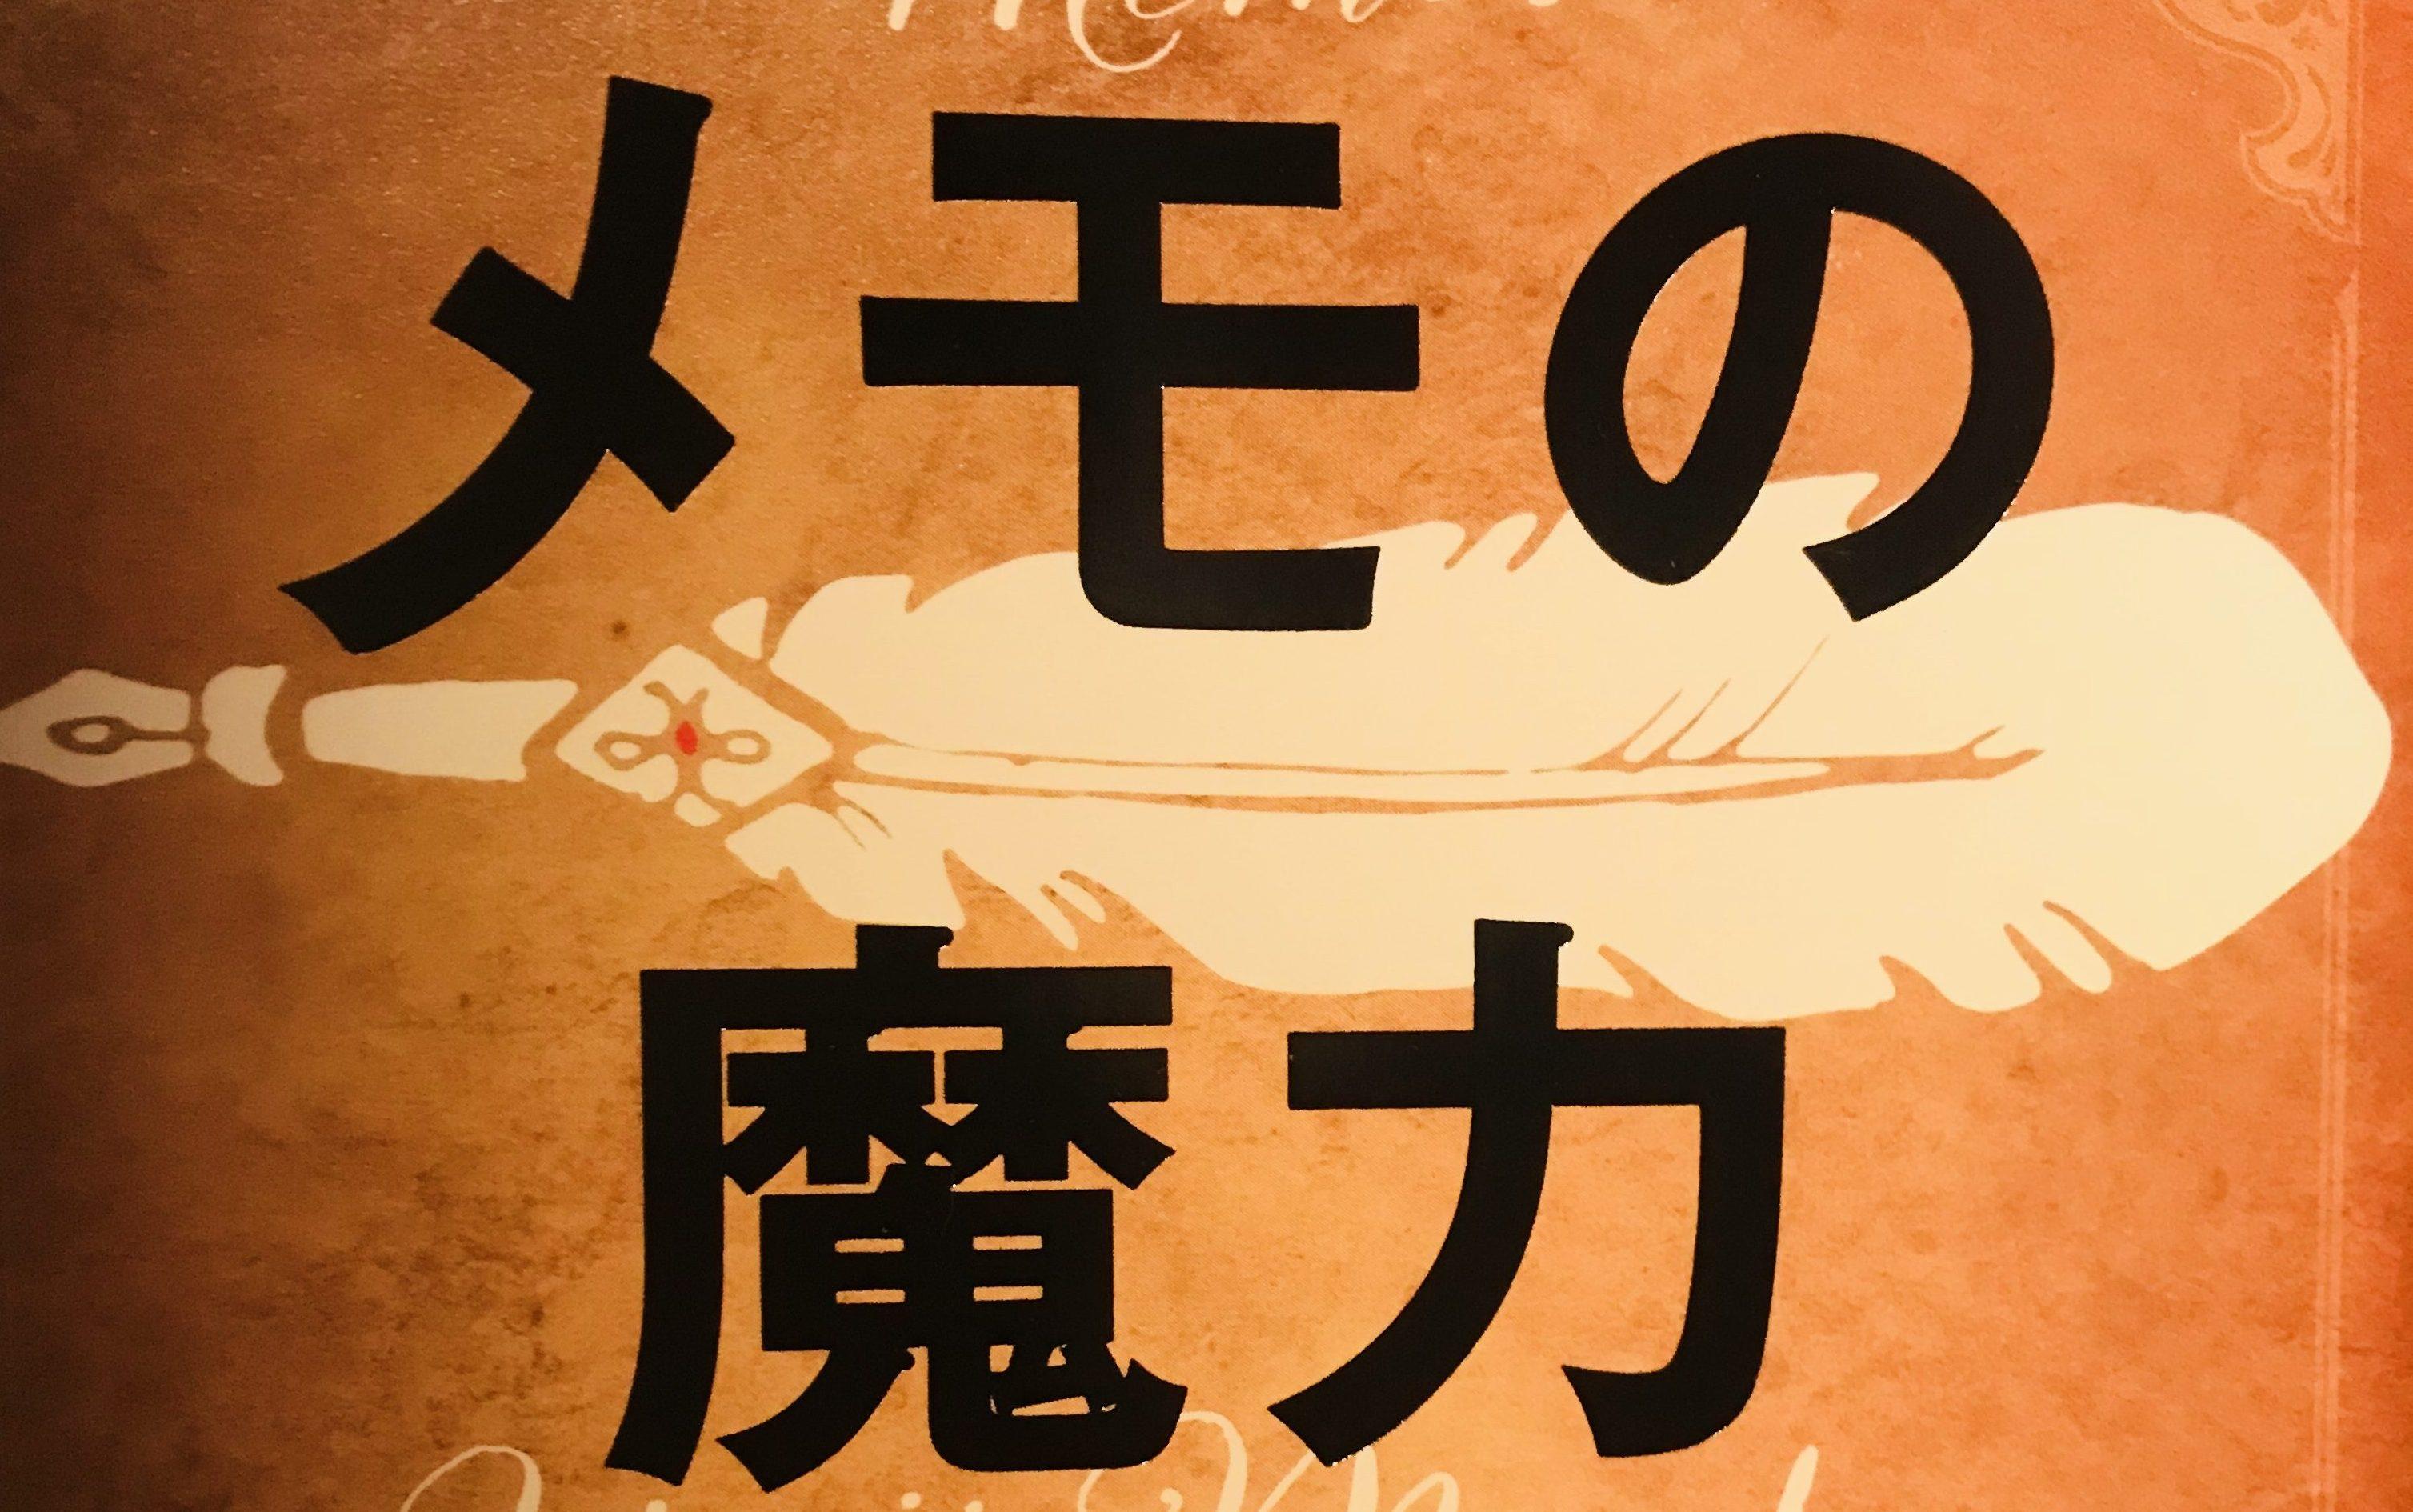 就活生は自己分析の前に「メモの魔力」という前田裕二氏の本を読め!